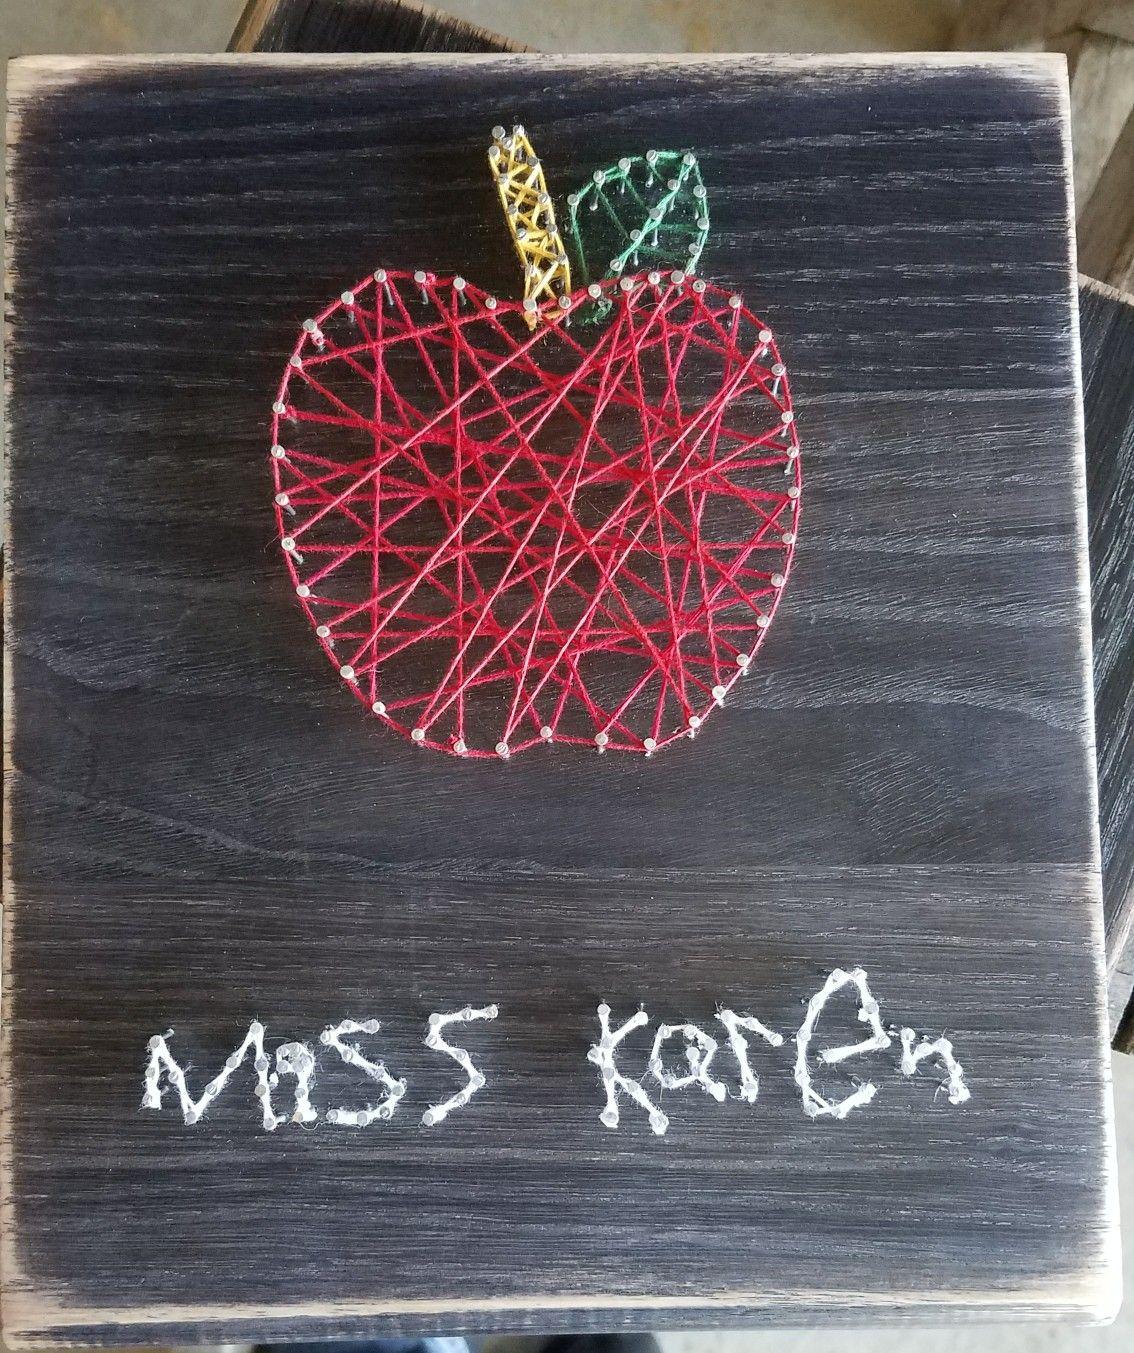 String Art Apple For Teacher With Child S Handwriting Preschool Stringart Apple Teacher Ts